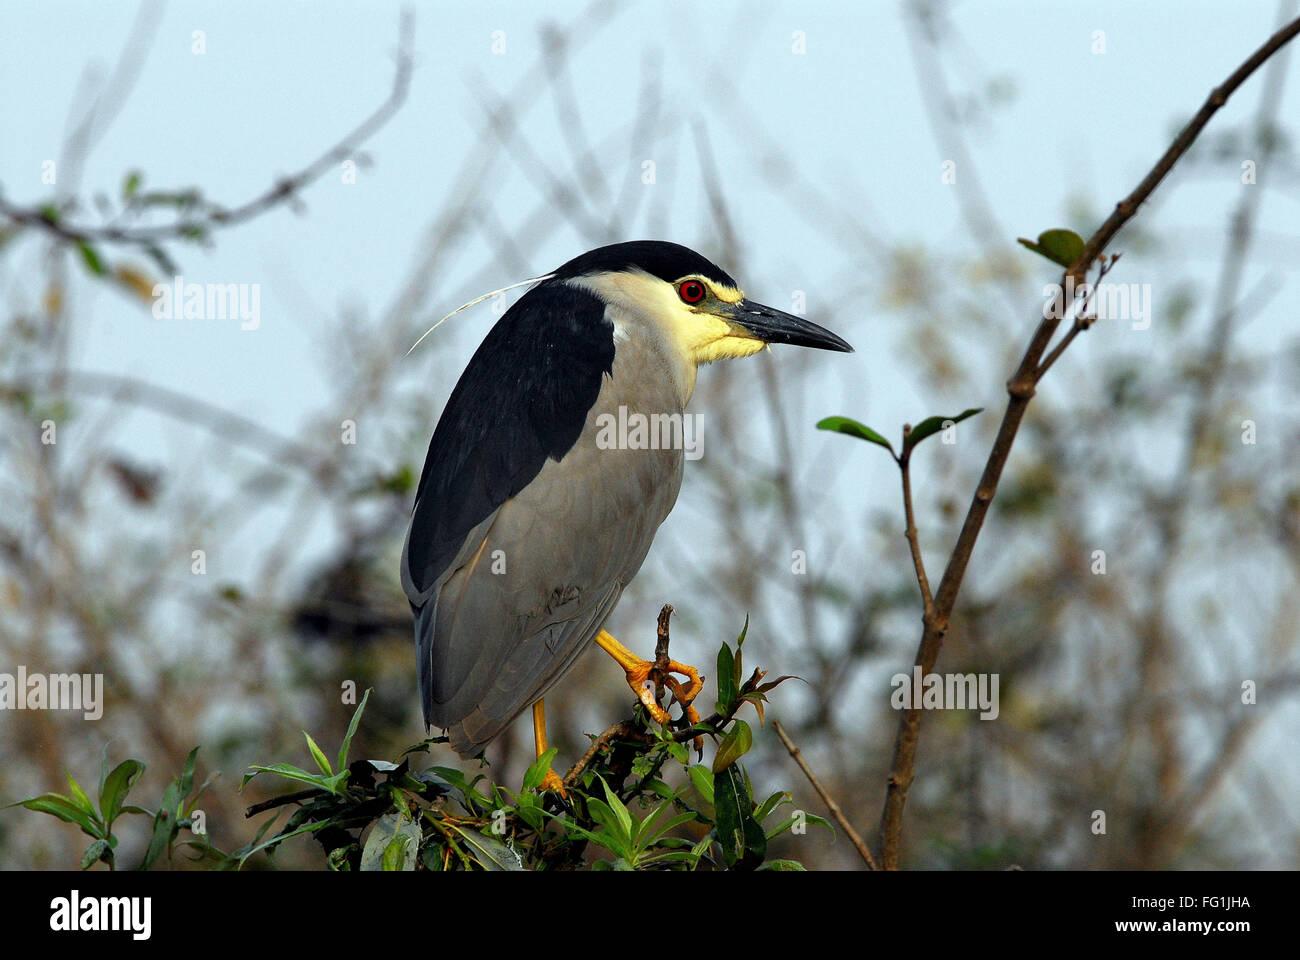 Las aves , negro coronado Garza nocturna Nycticorax Foto de stock